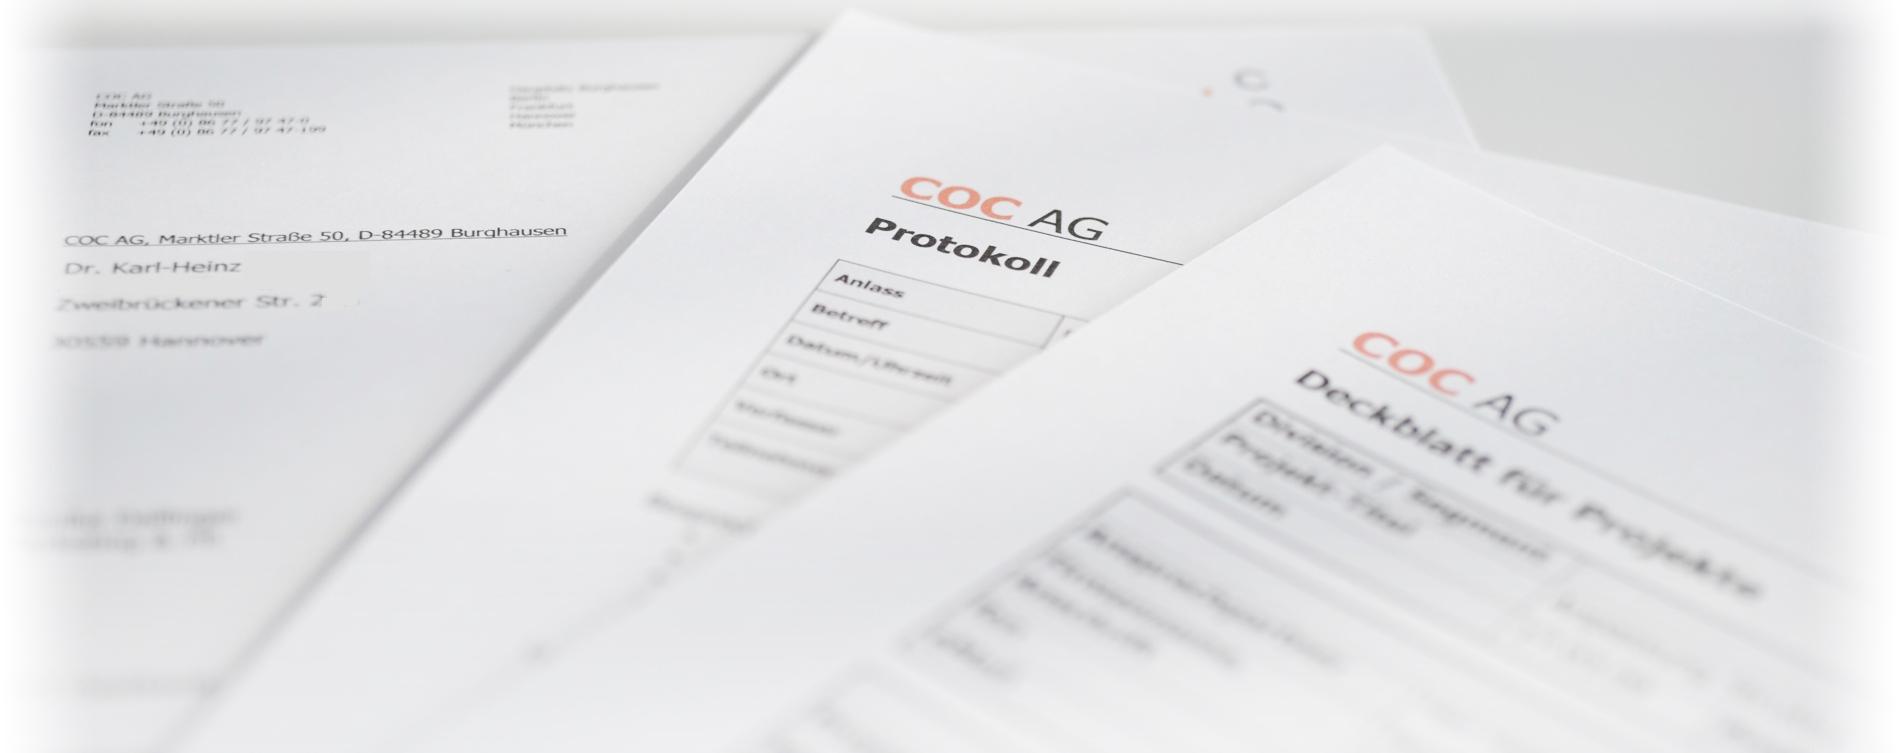 Vorlagenbeispiele Brief, Protokoll, Deckblatt für Projekte